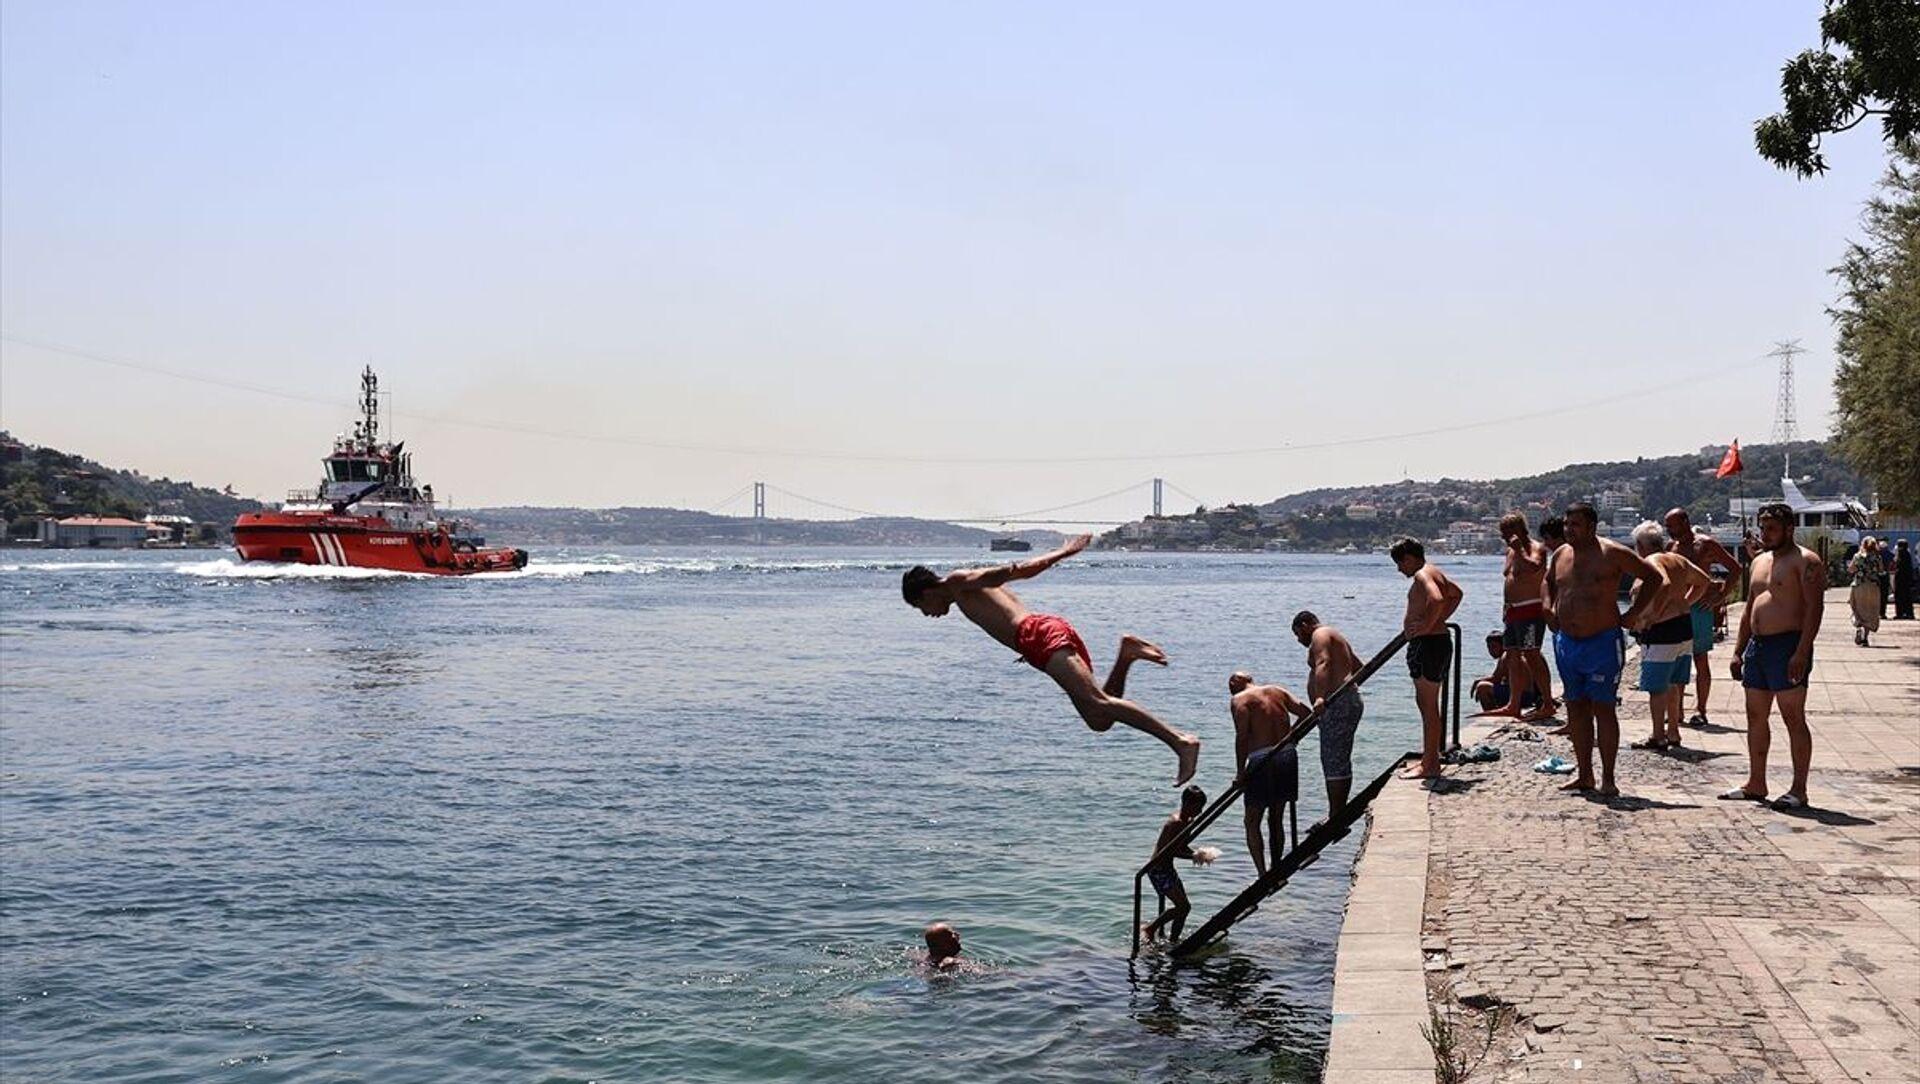 İstanbul'da aşırı sıcak hava - Sputnik Türkiye, 1920, 02.08.2021